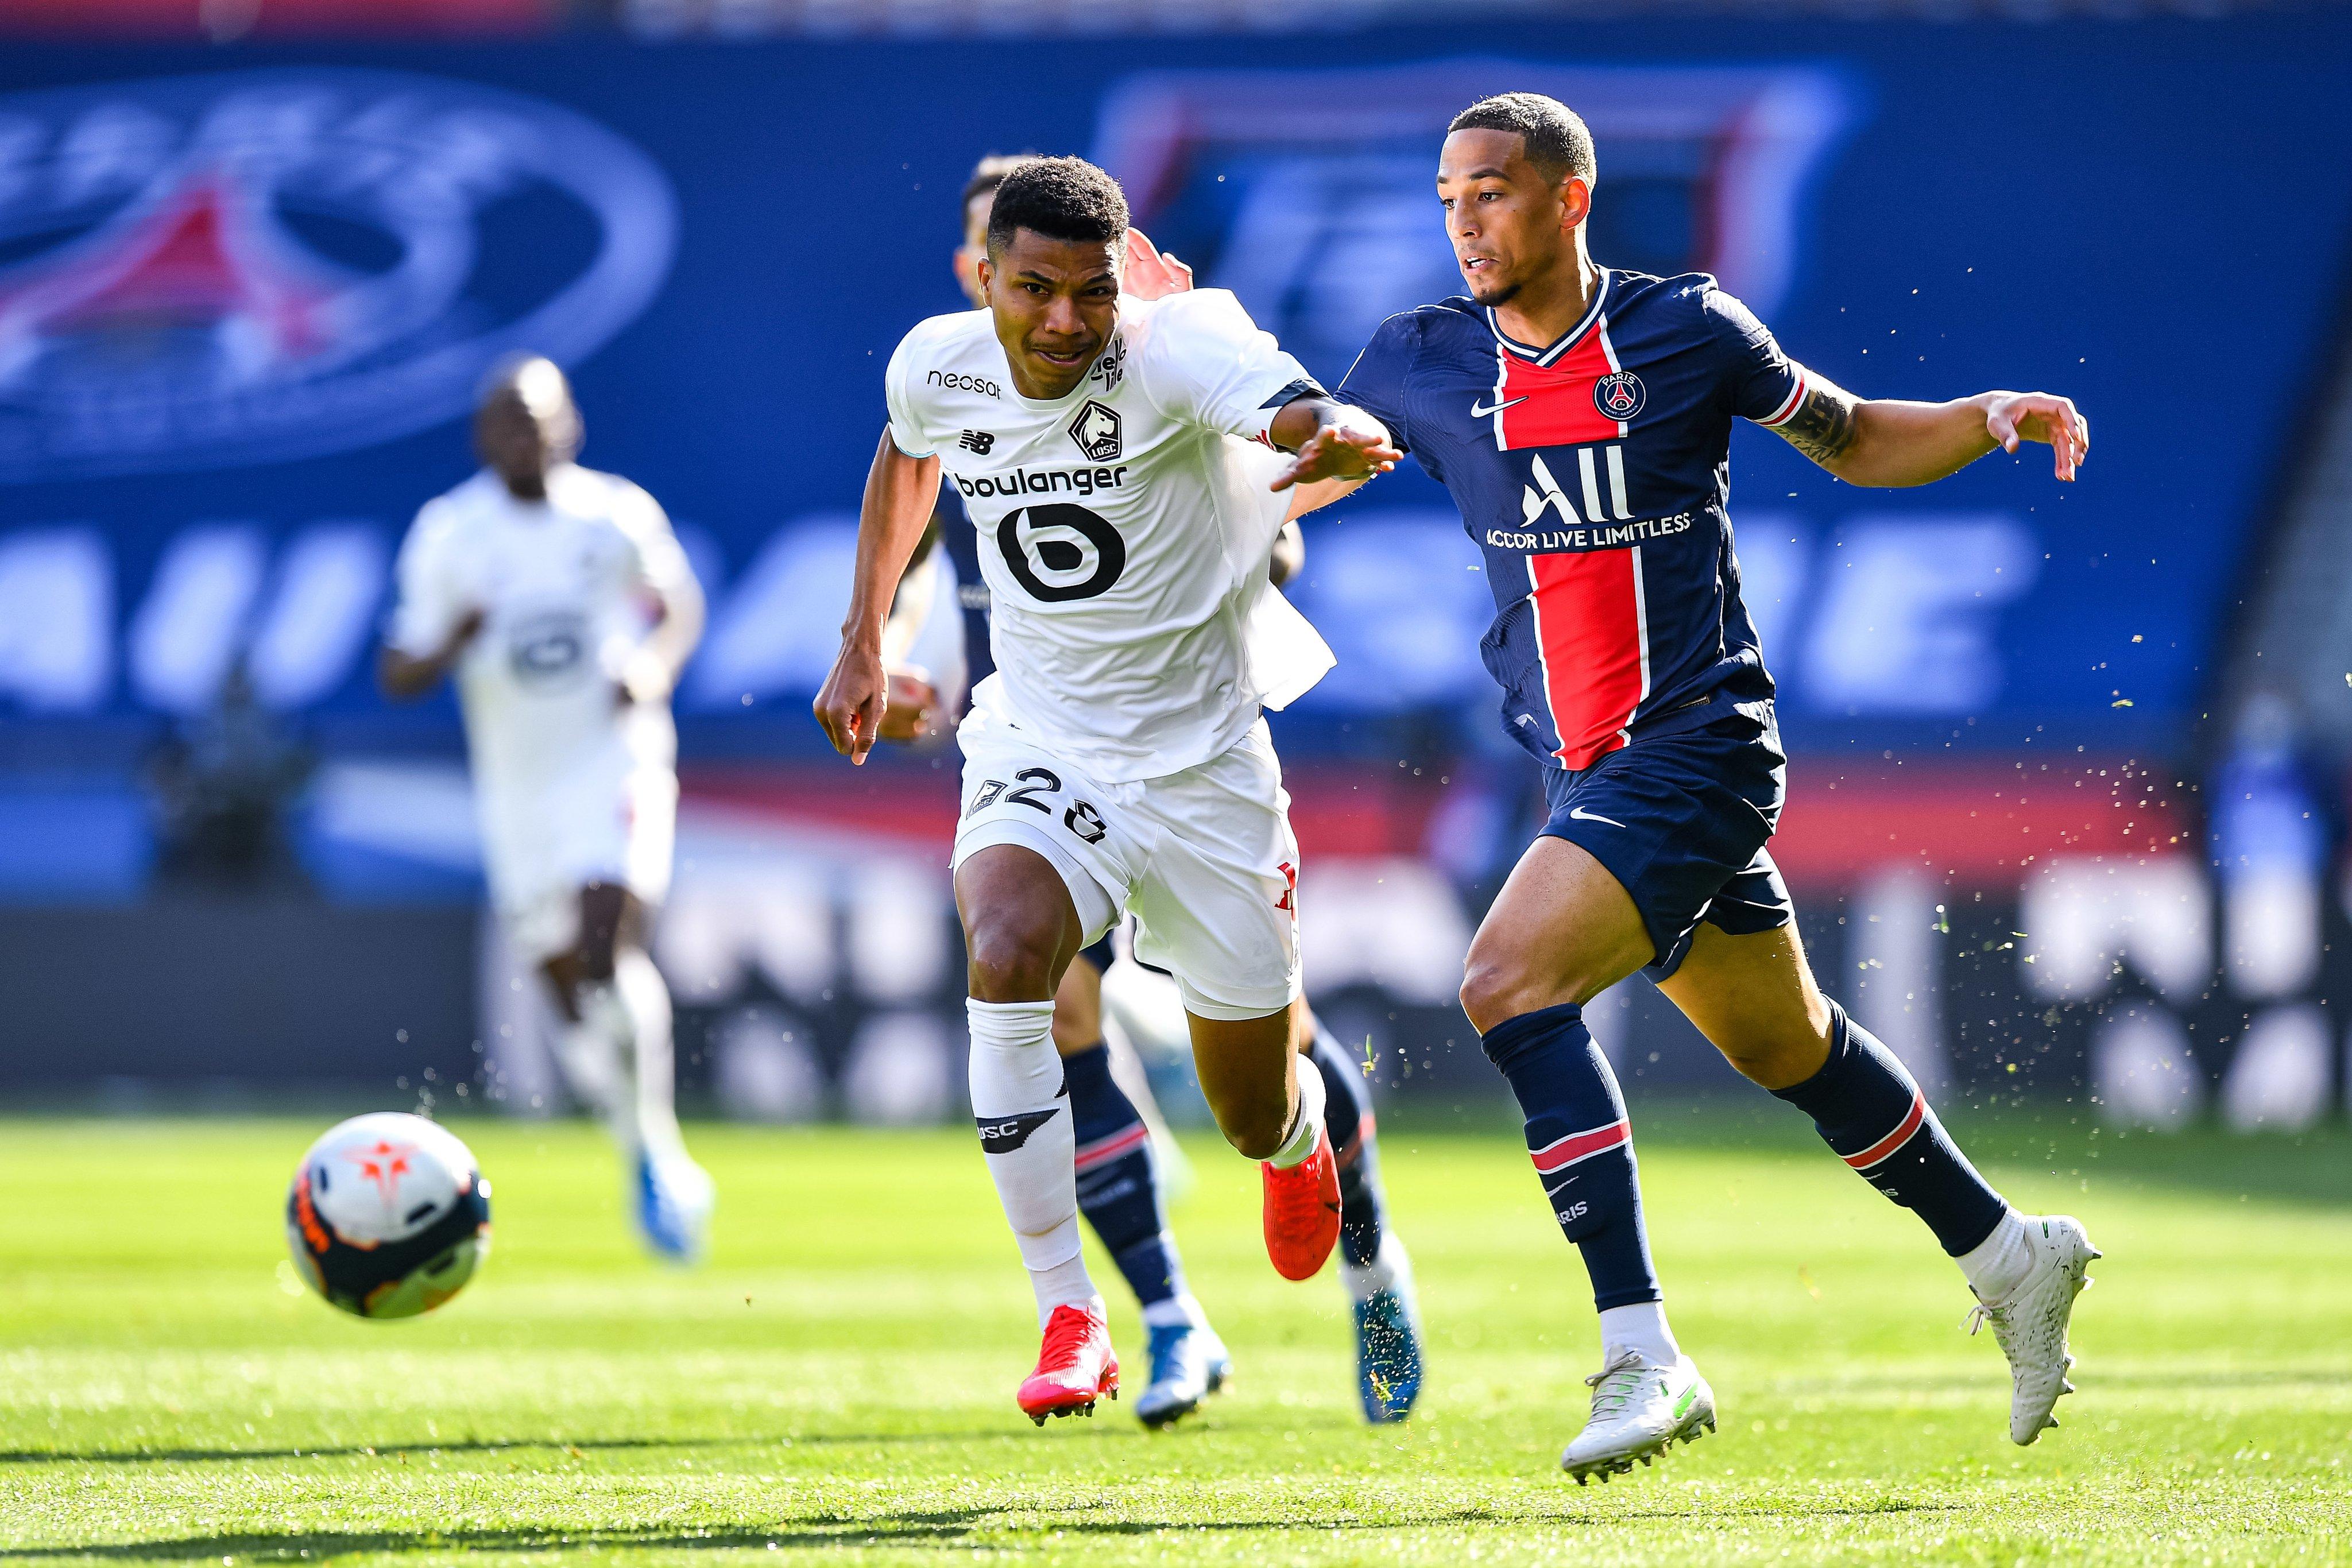 باريس سان جيرمان ضد ليل (2)